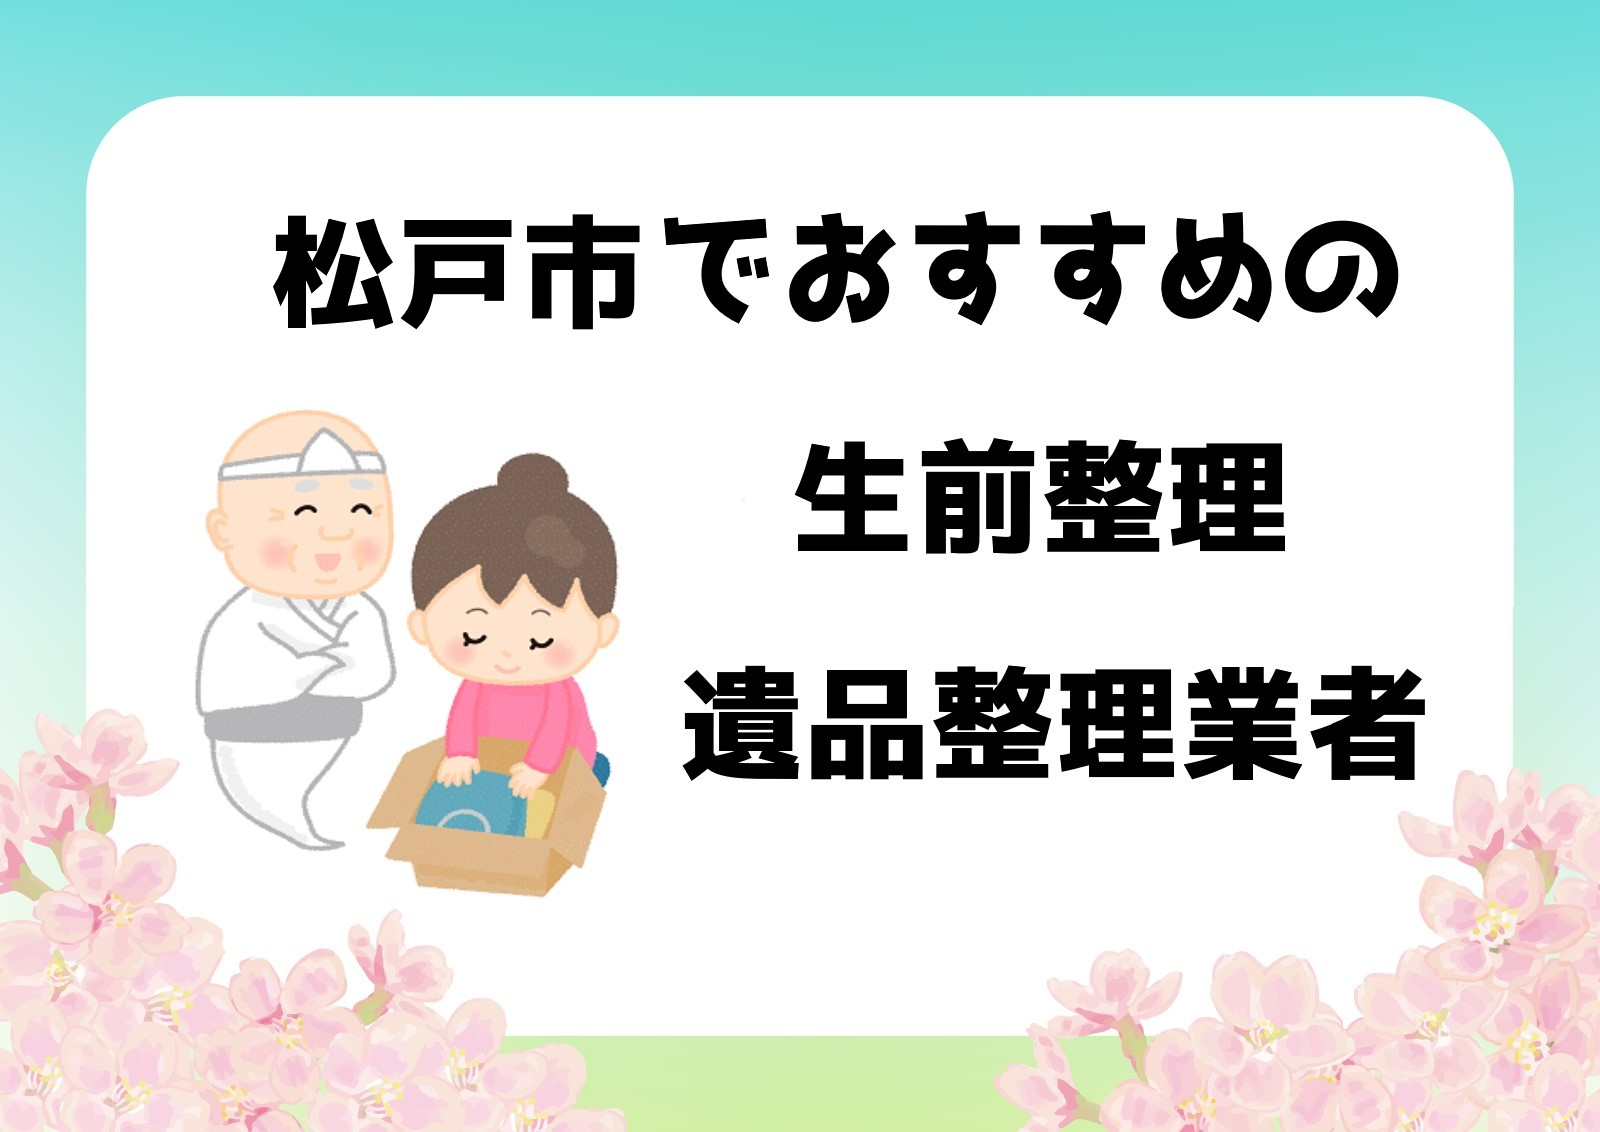 松戸市 遺品整理 生前整理 おすすめ業者